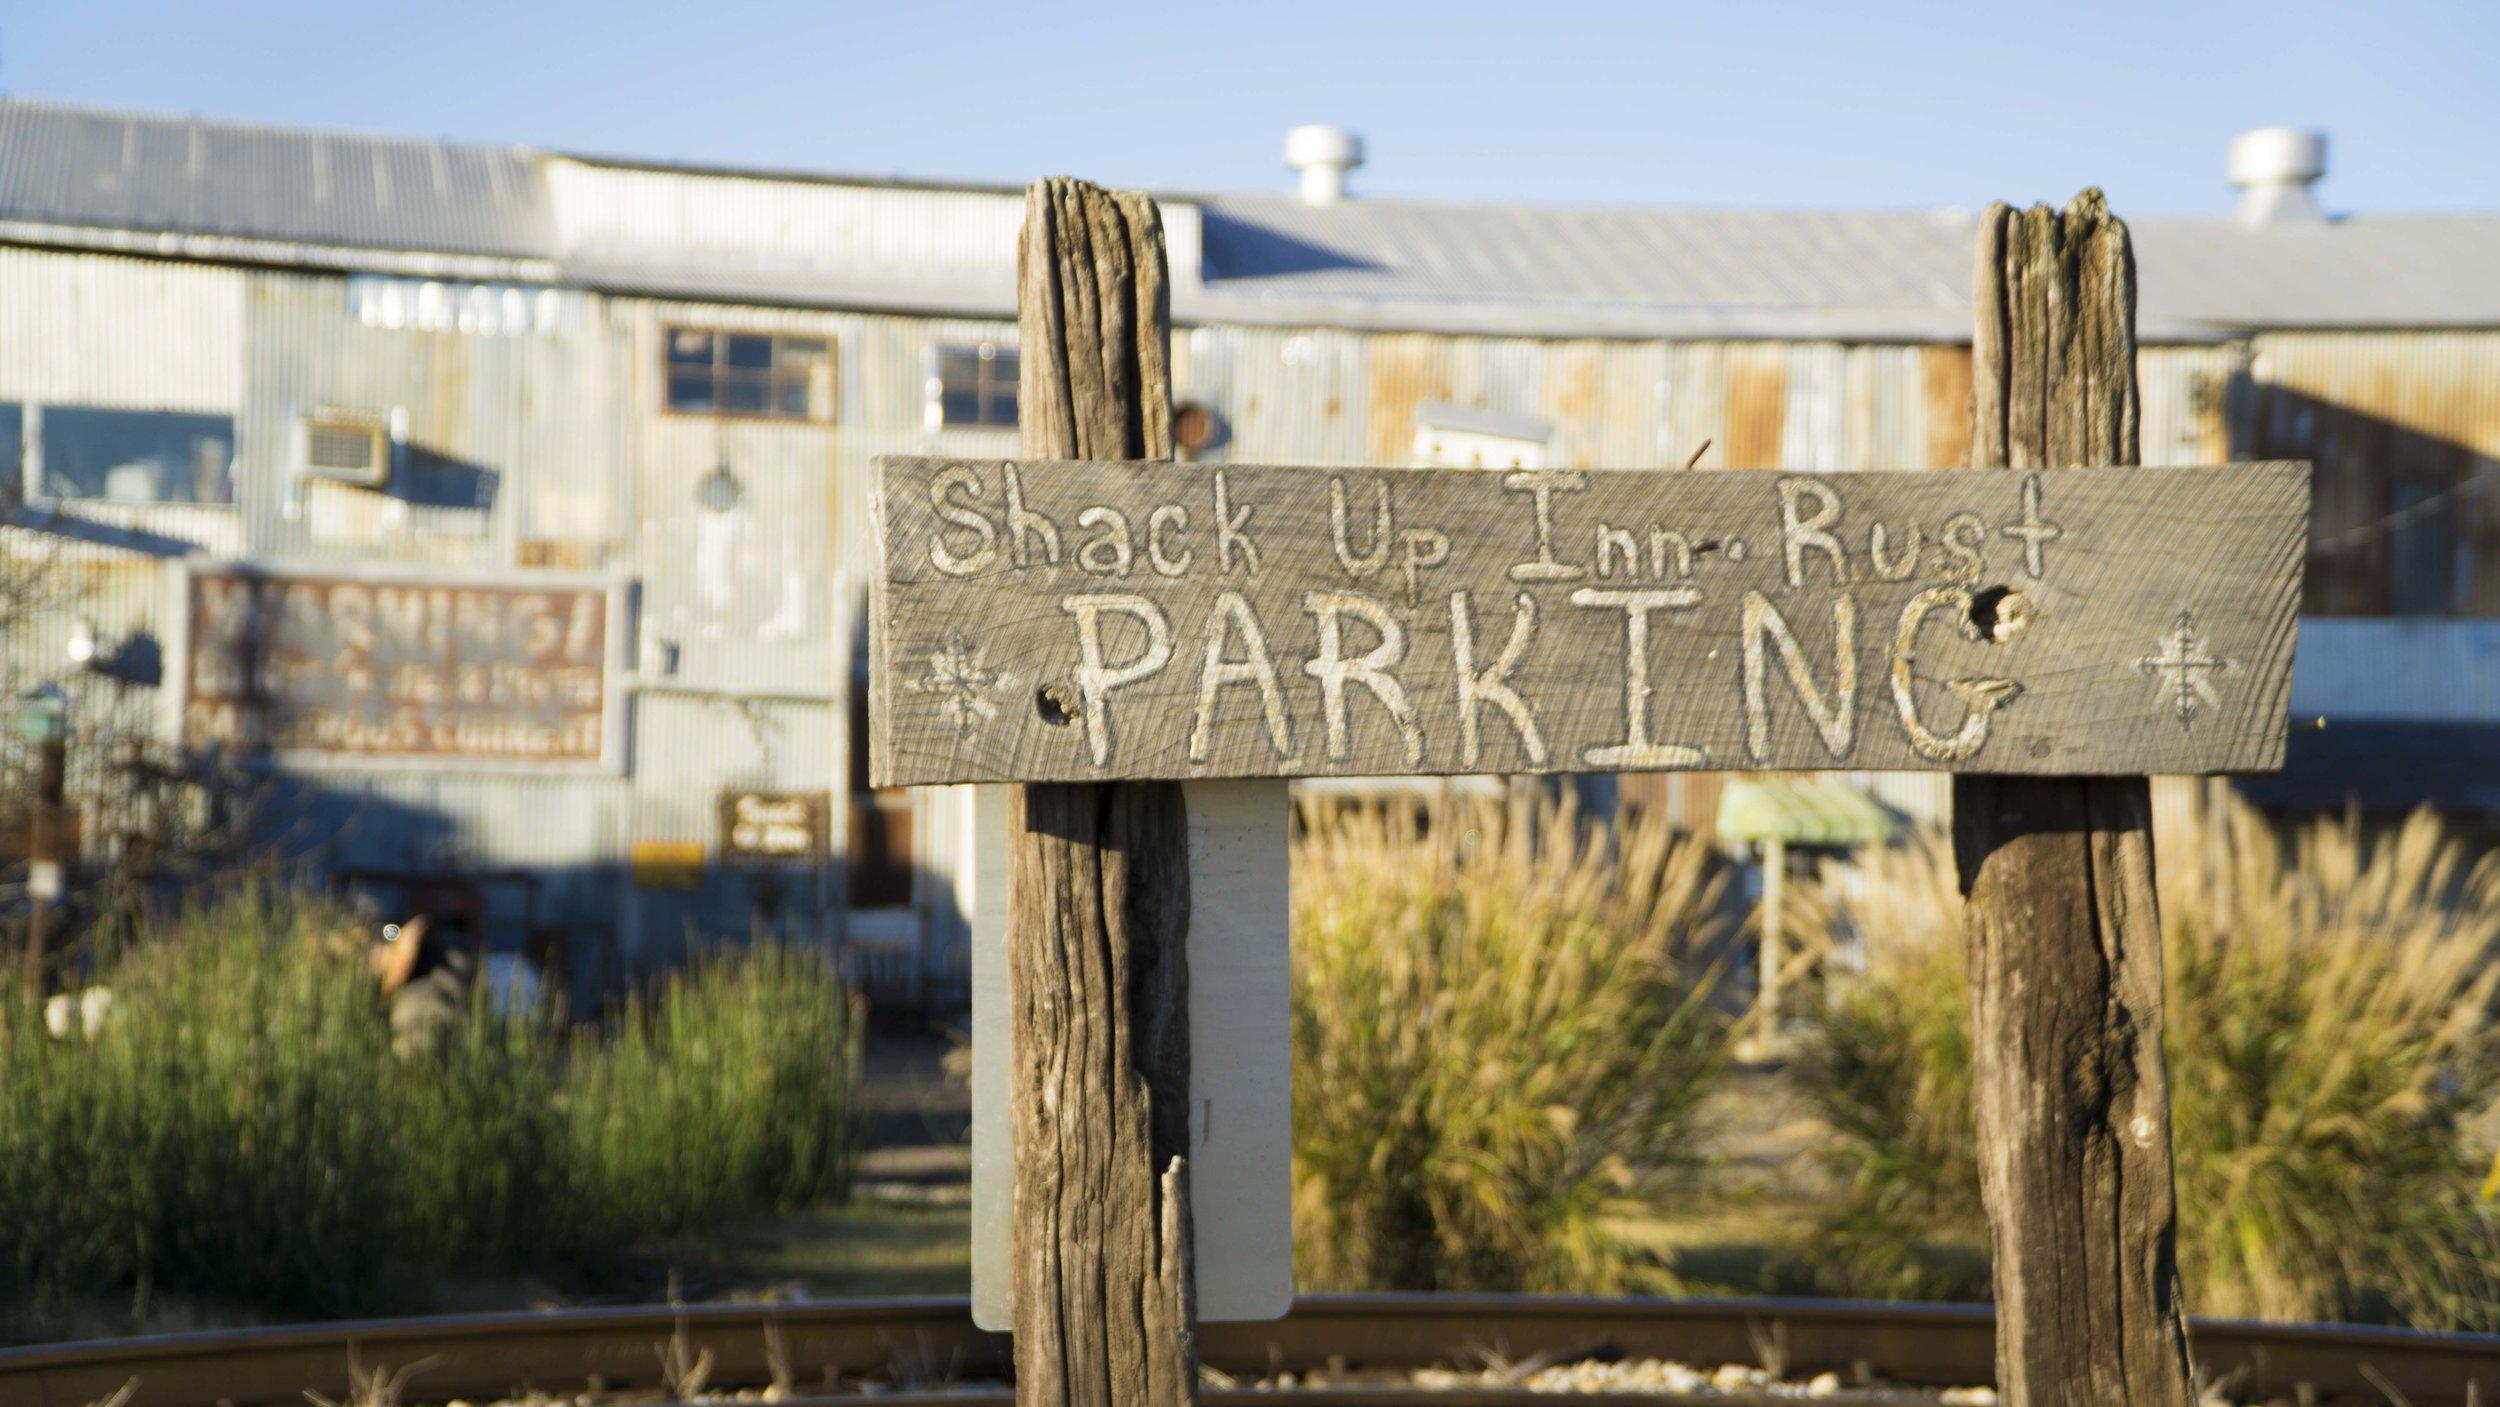 Shackup Inn Sign.JPG